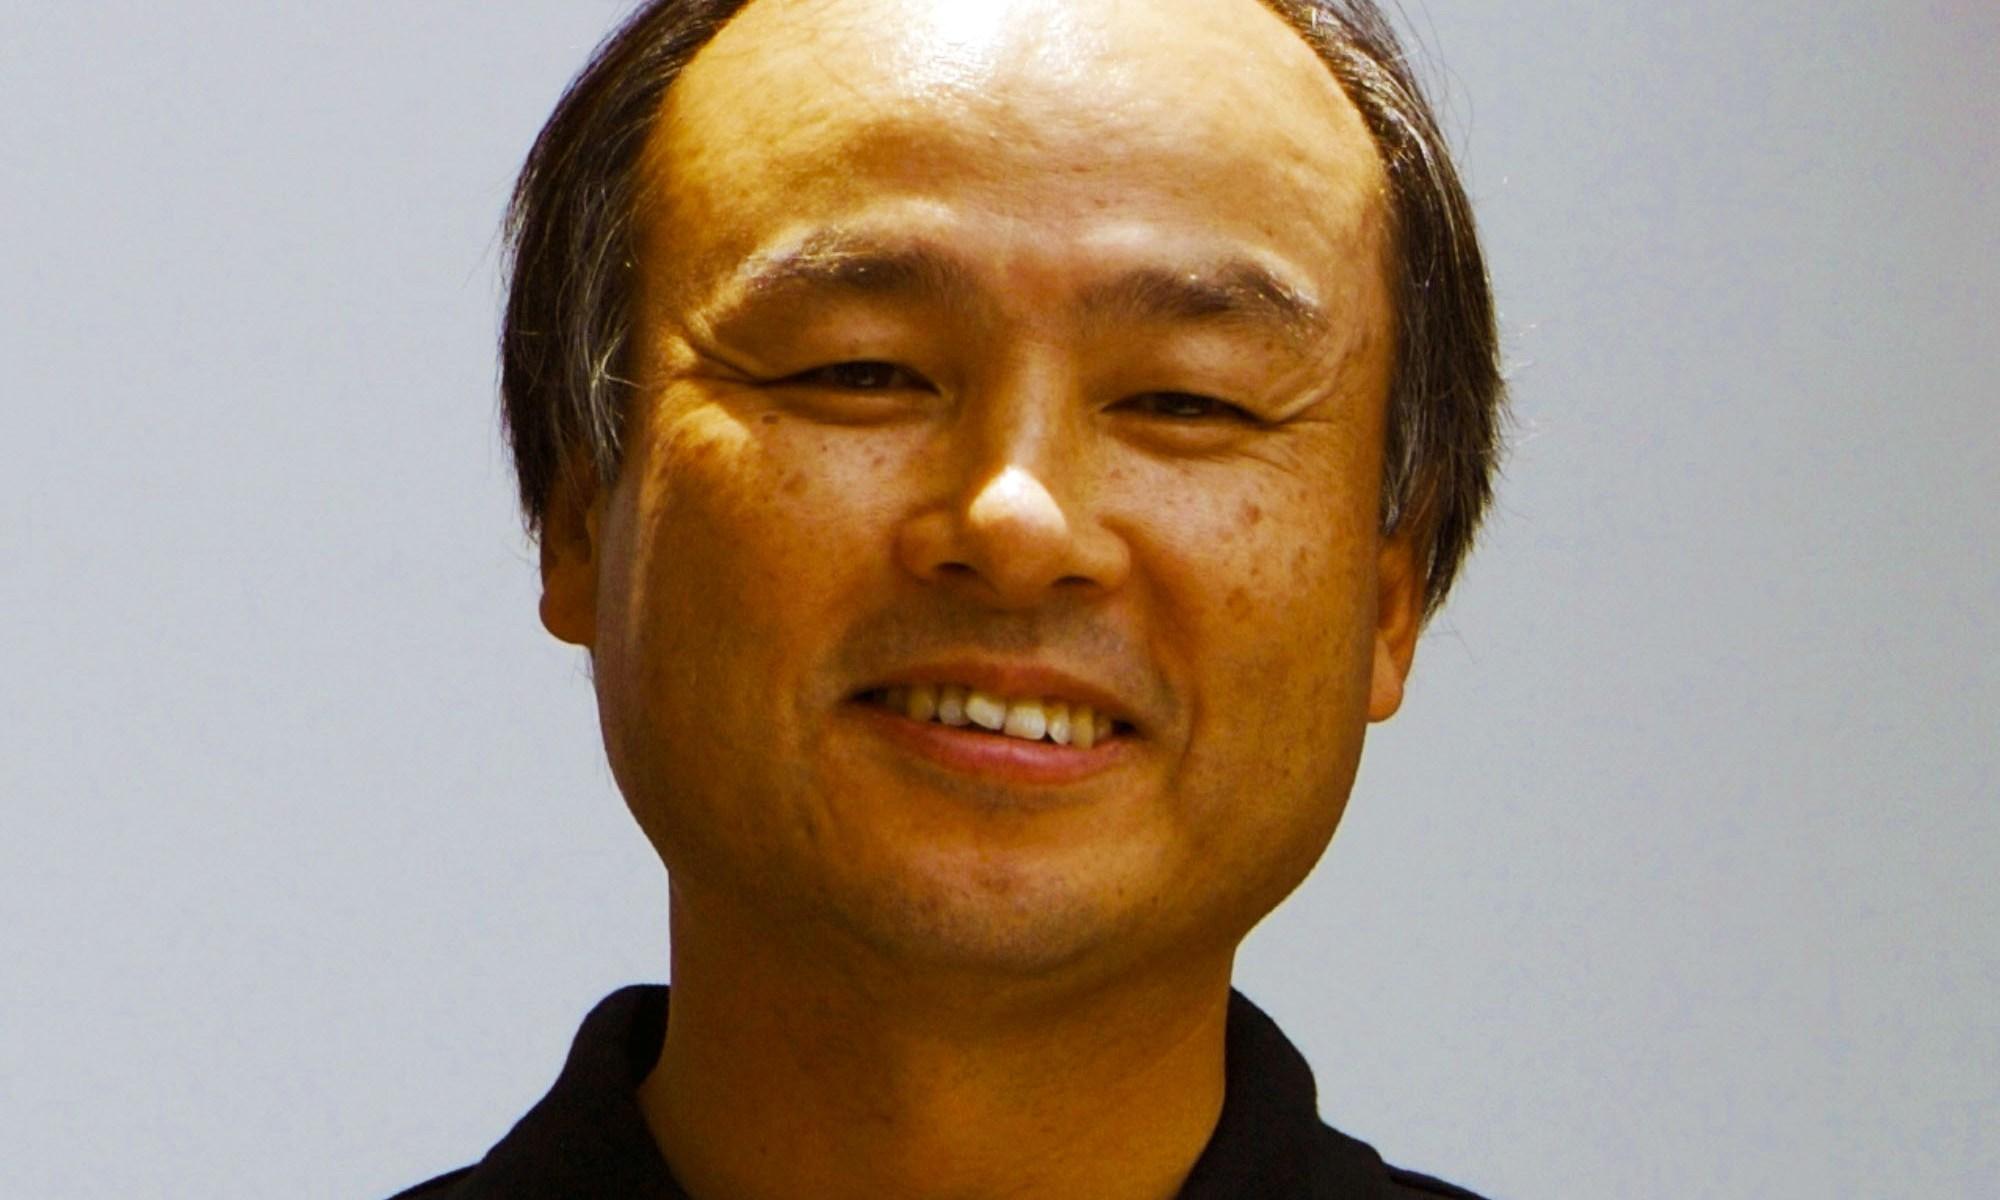 Source iPhone 3G Masayoshi Son Masaru Kamikura